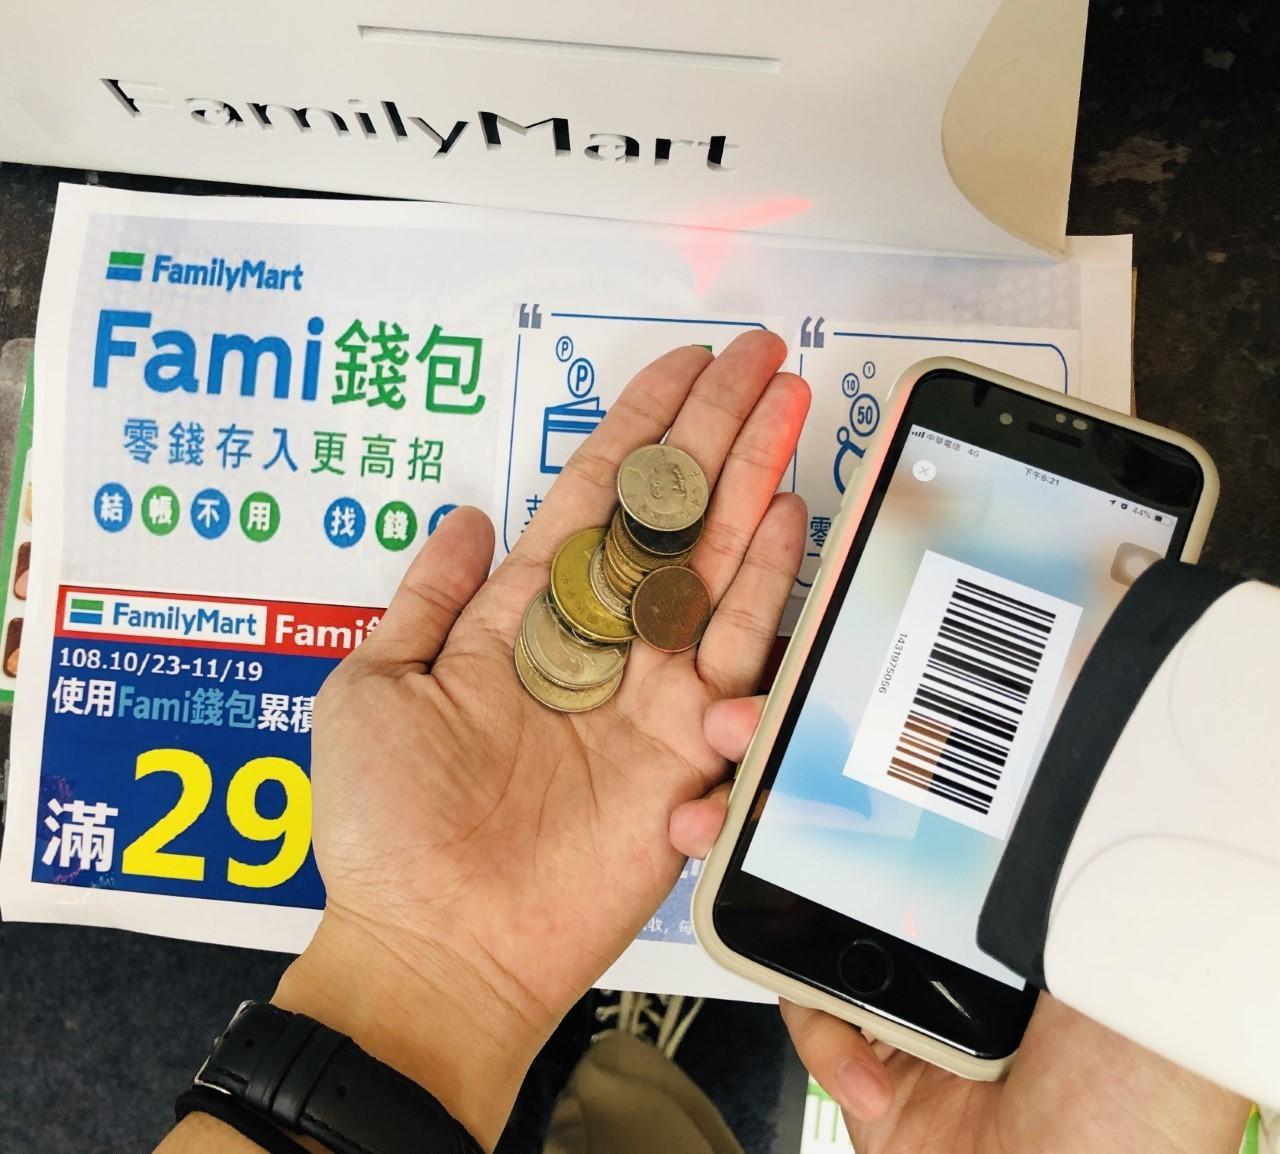 全家Fami錢包上線一週,綁定數破10萬!「零錢殺手」的產品定位奏效嗎?